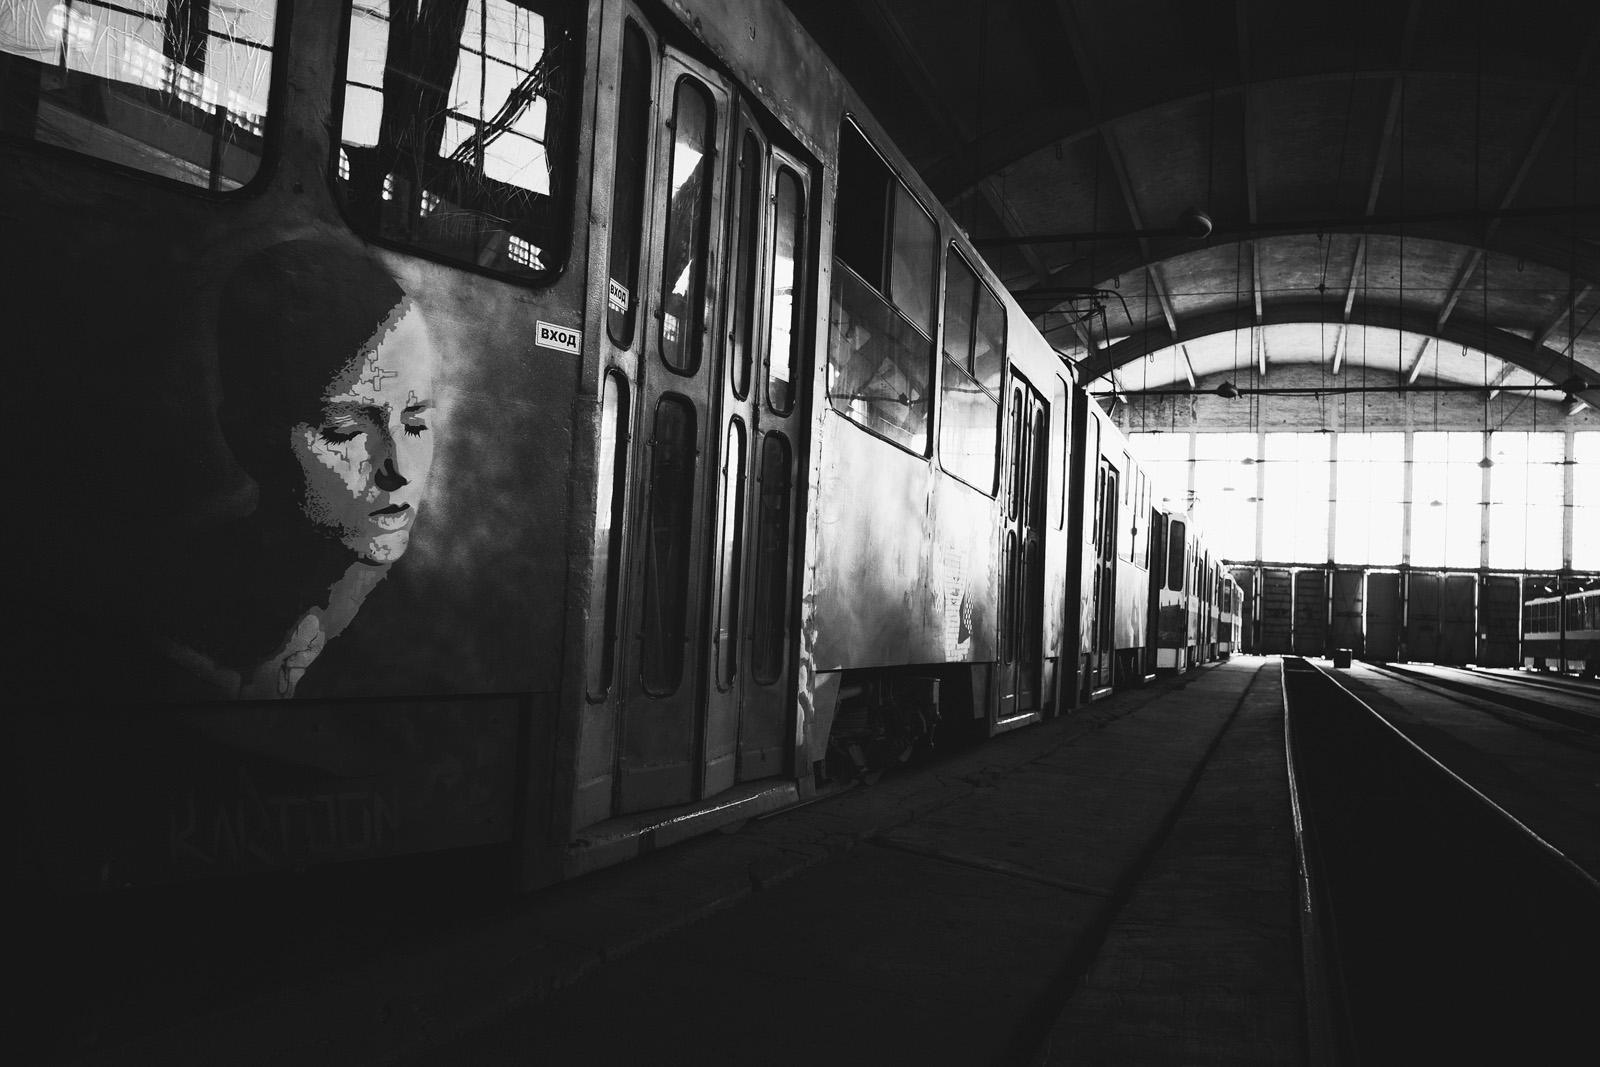 Трамвайное депо © Алексей Балашов для PREGEL.INFO